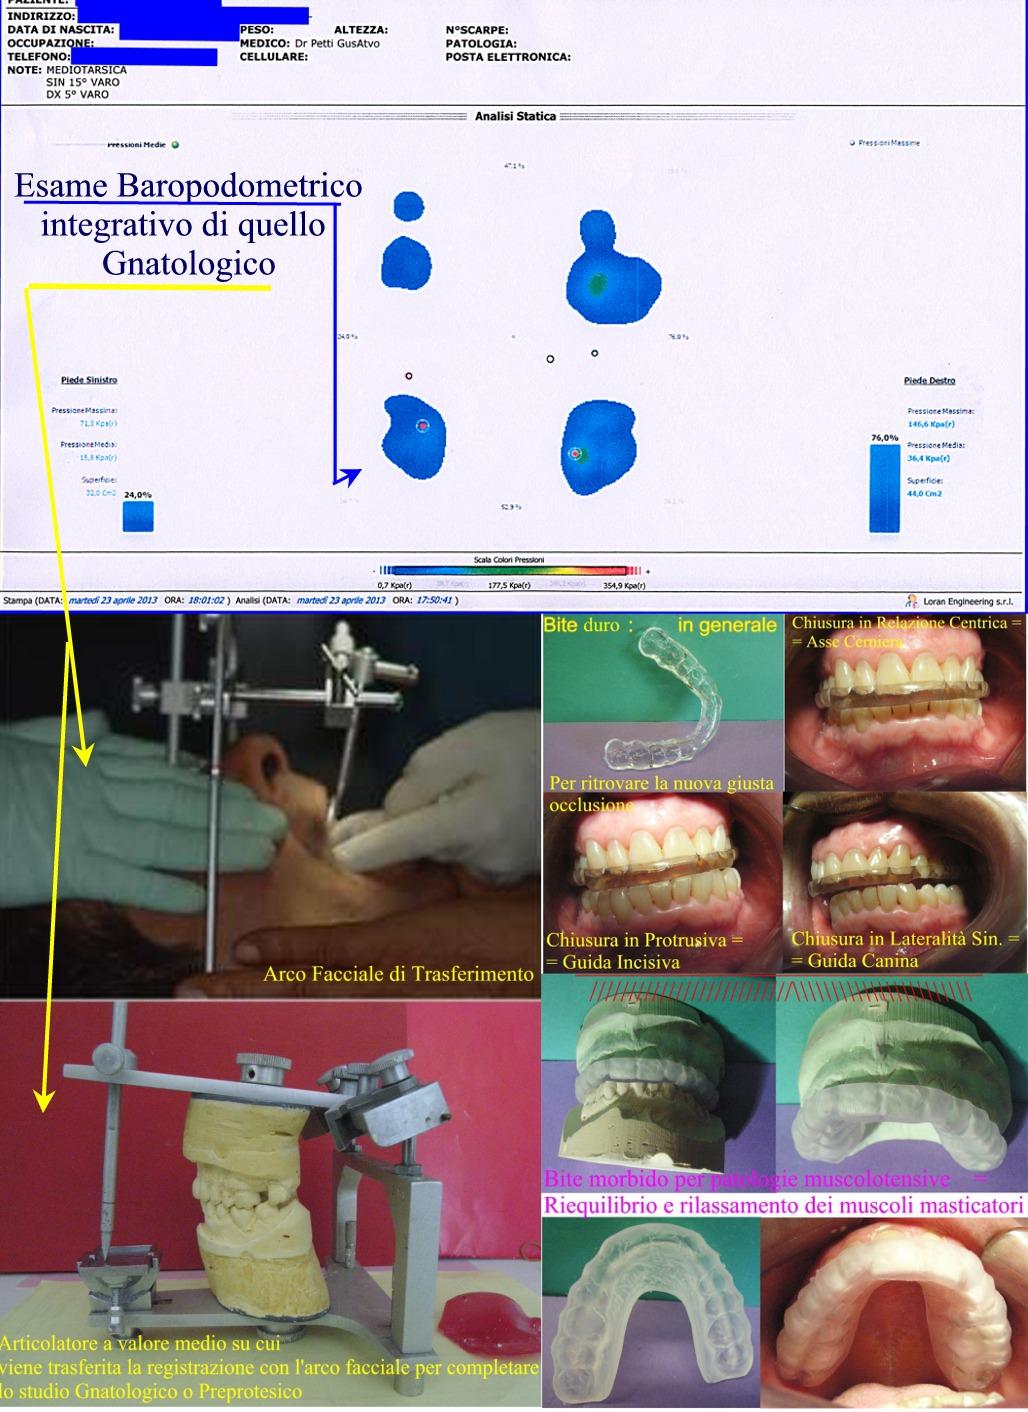 analisi-gnatologica-dr-g.petti-281015.jpg